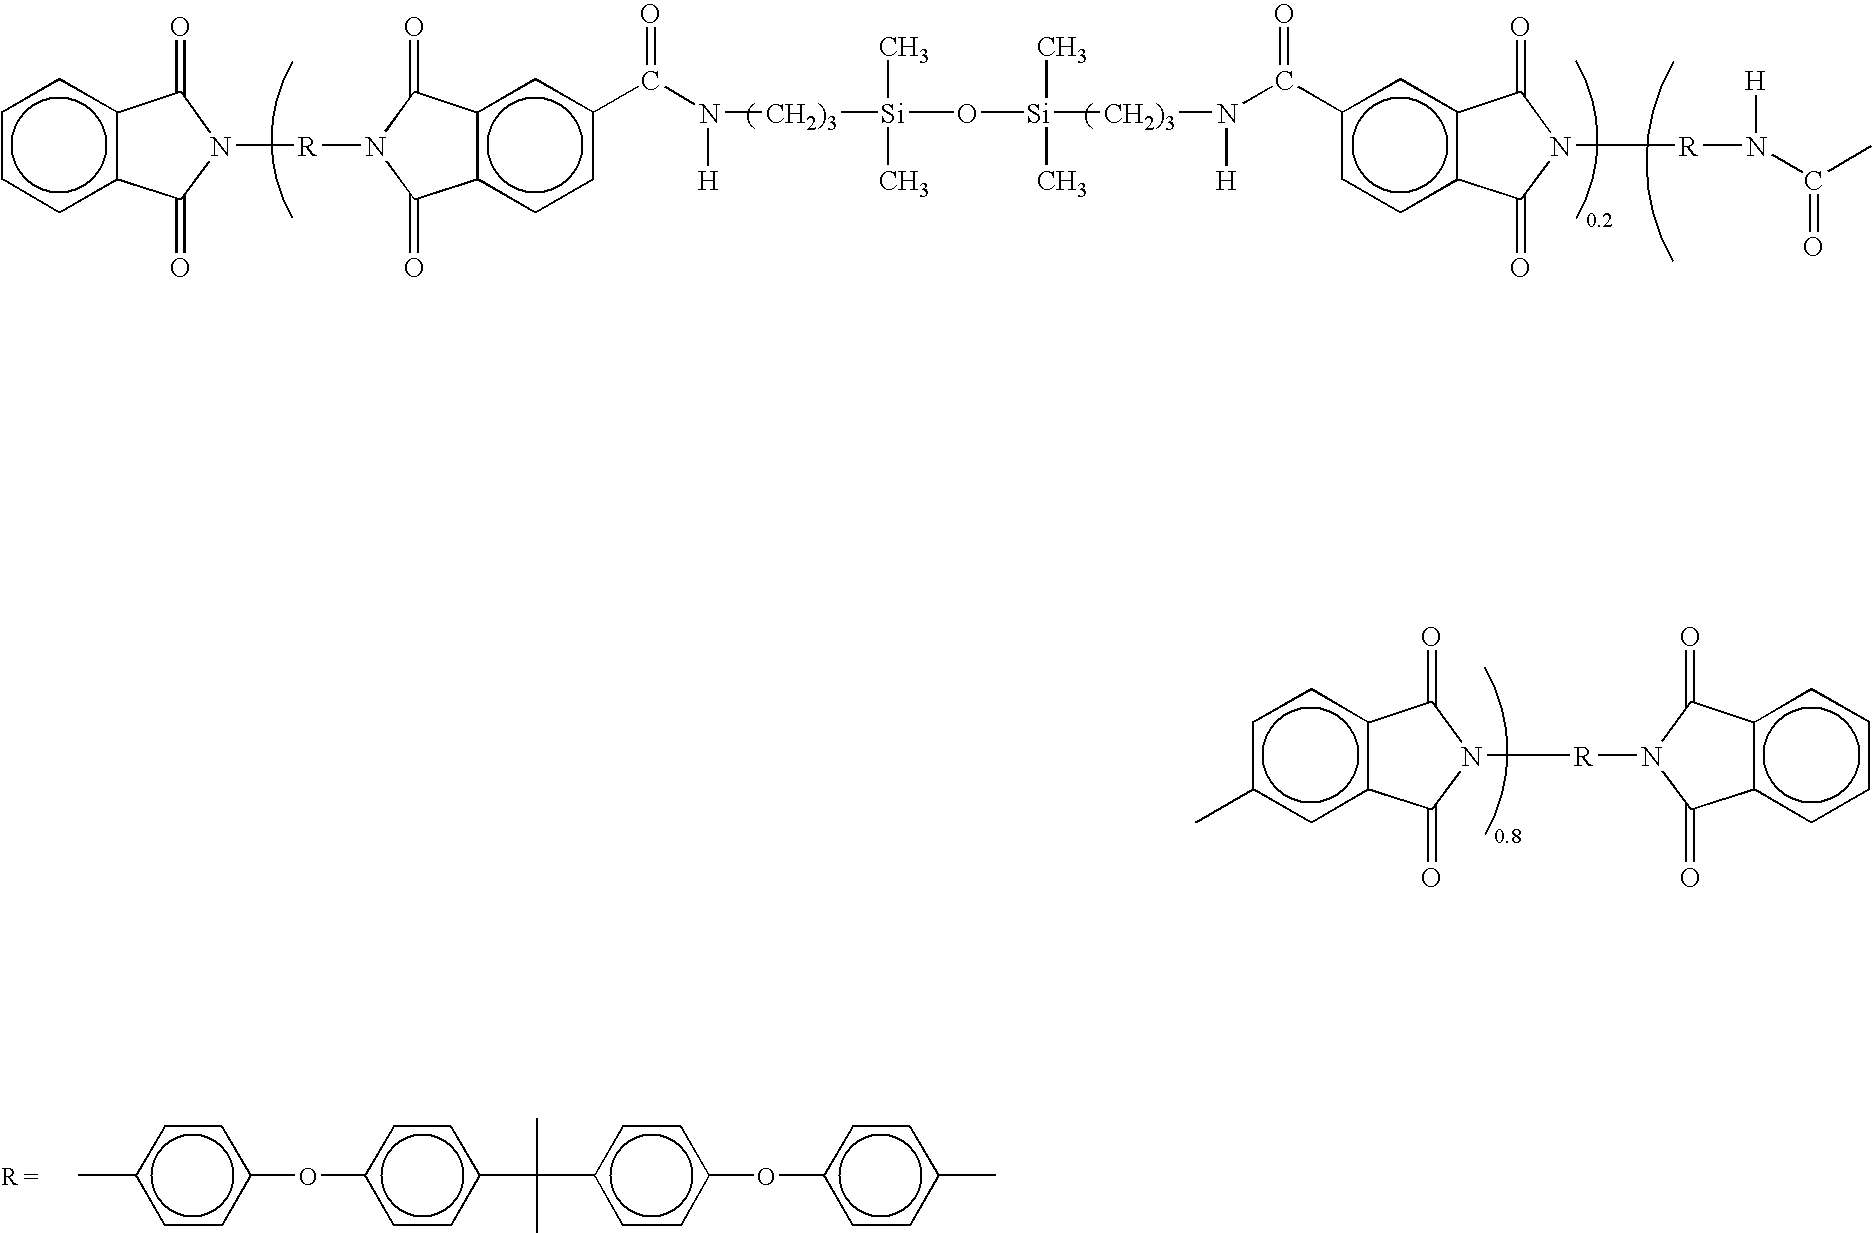 Figure US20090038750A1-20090212-C00020